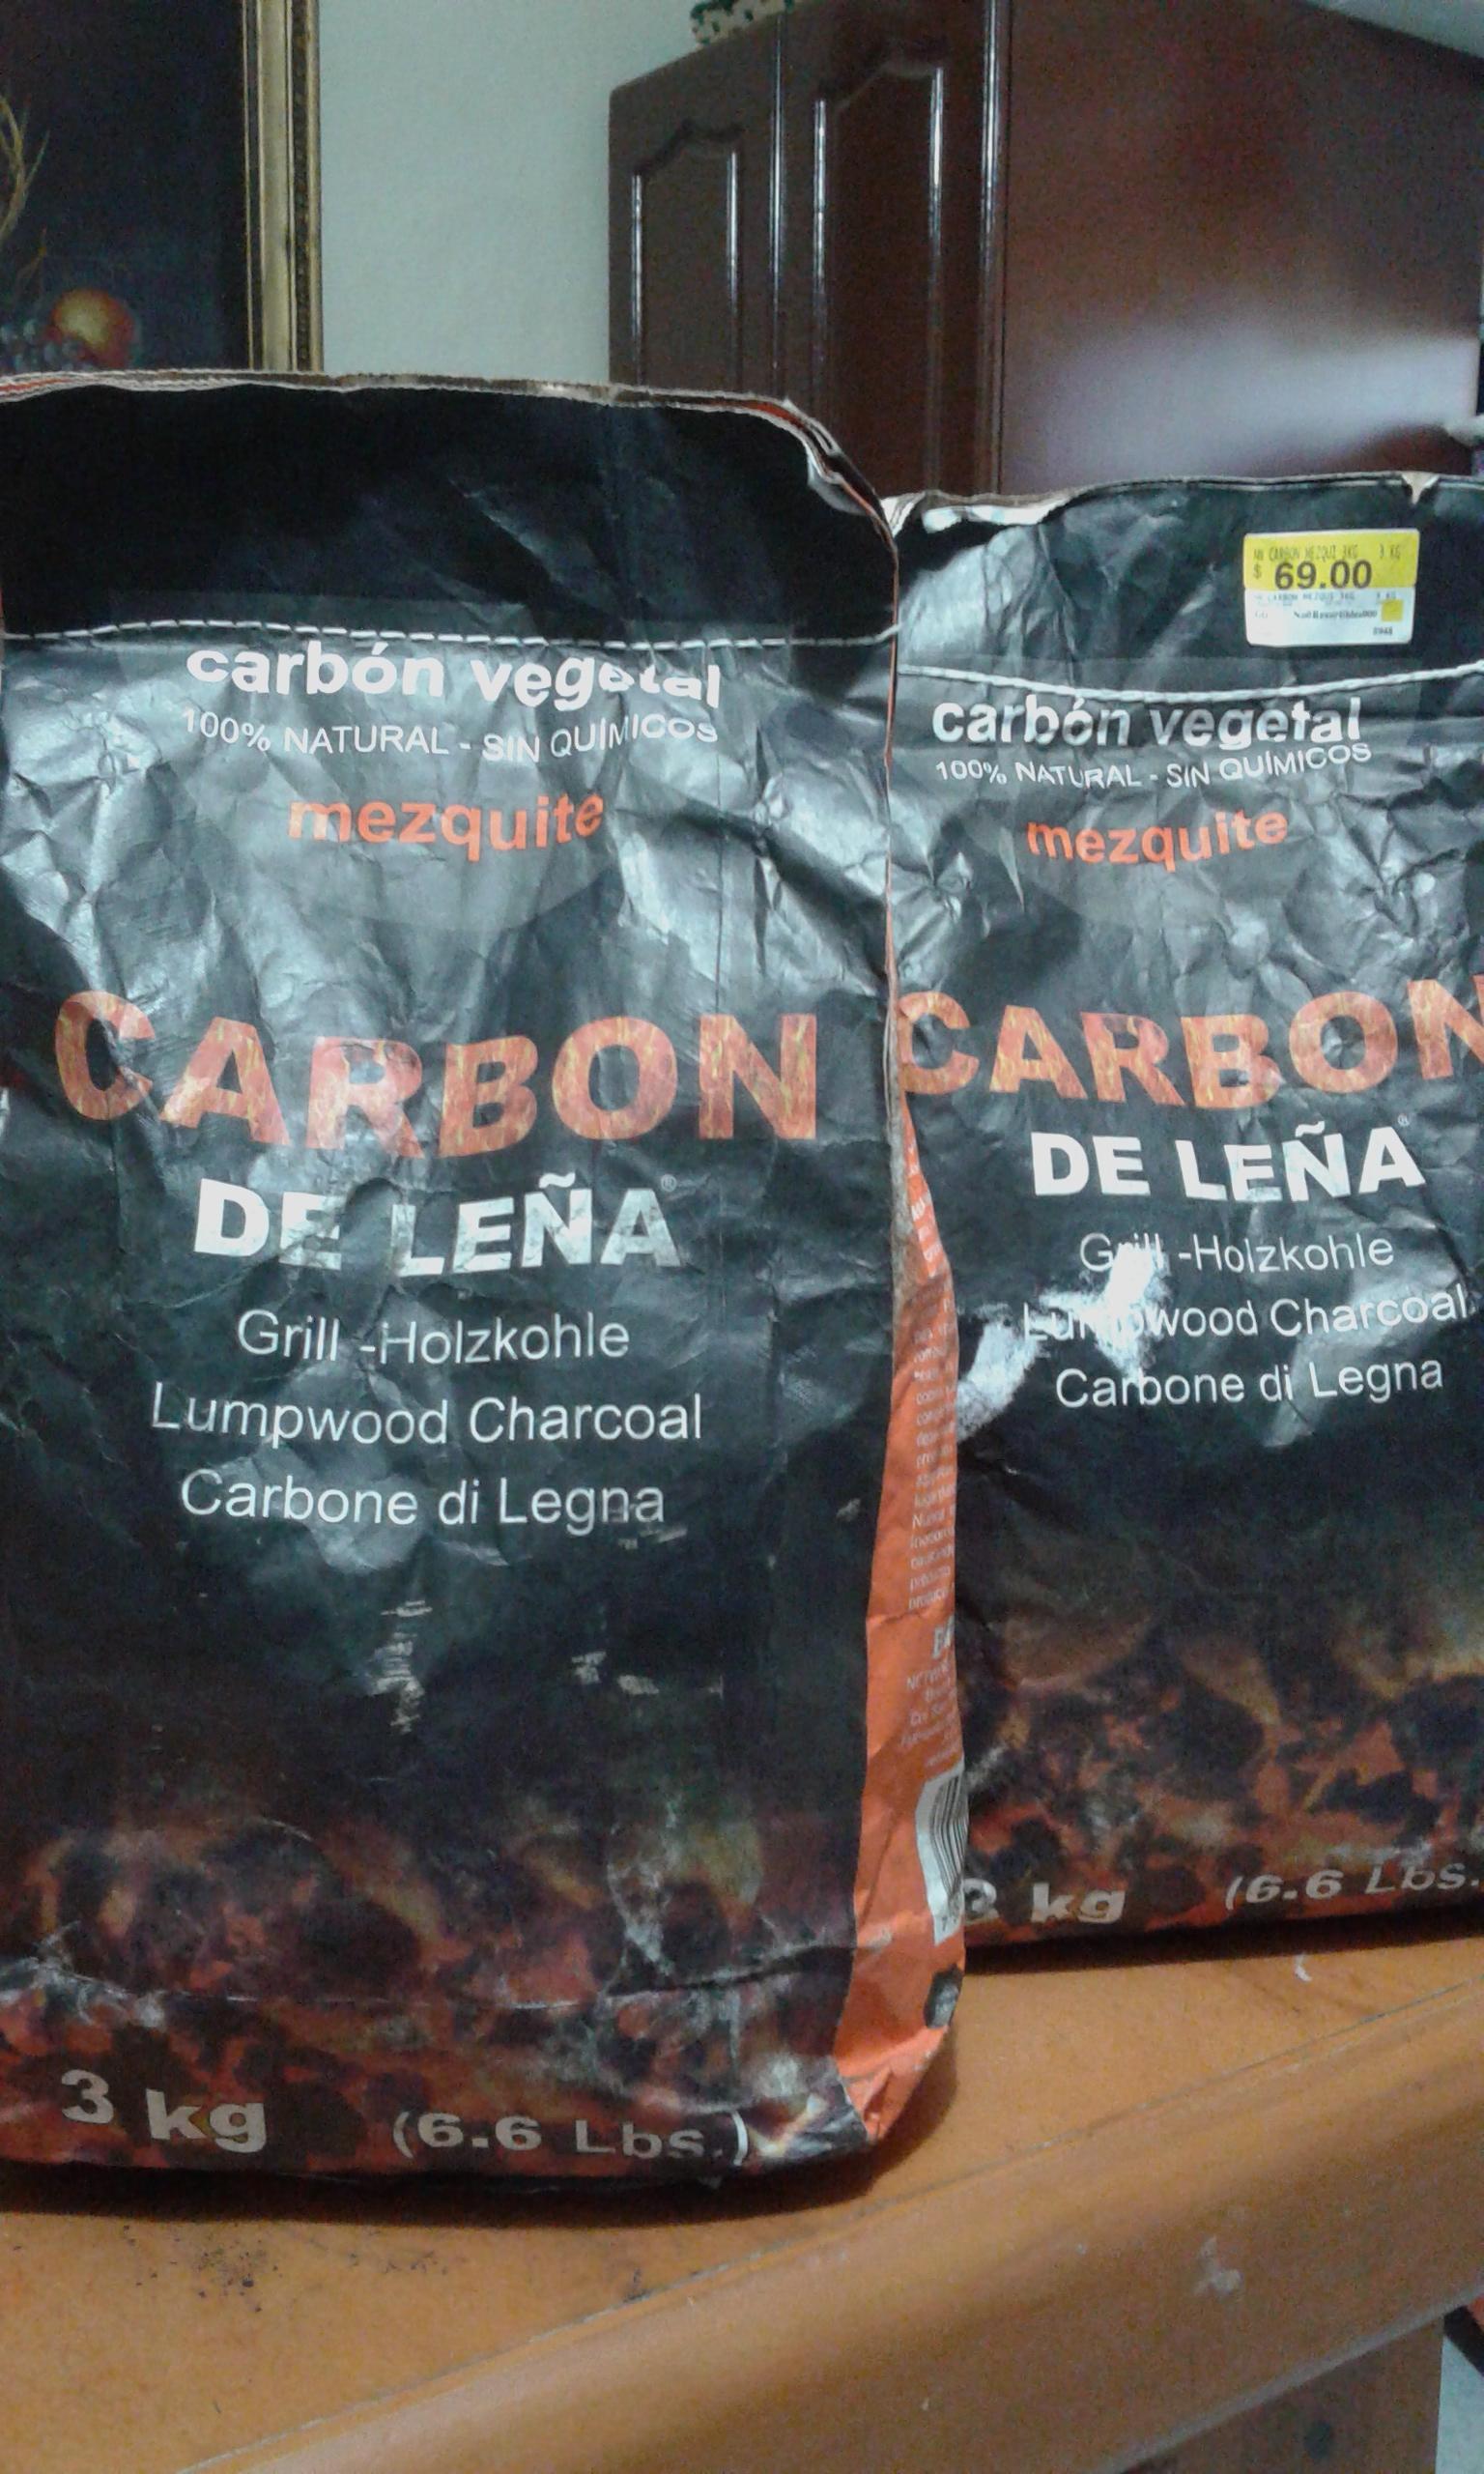 Walmart Lincoln: carbon de leña mezquite. 3kg. de $69 a $11.01